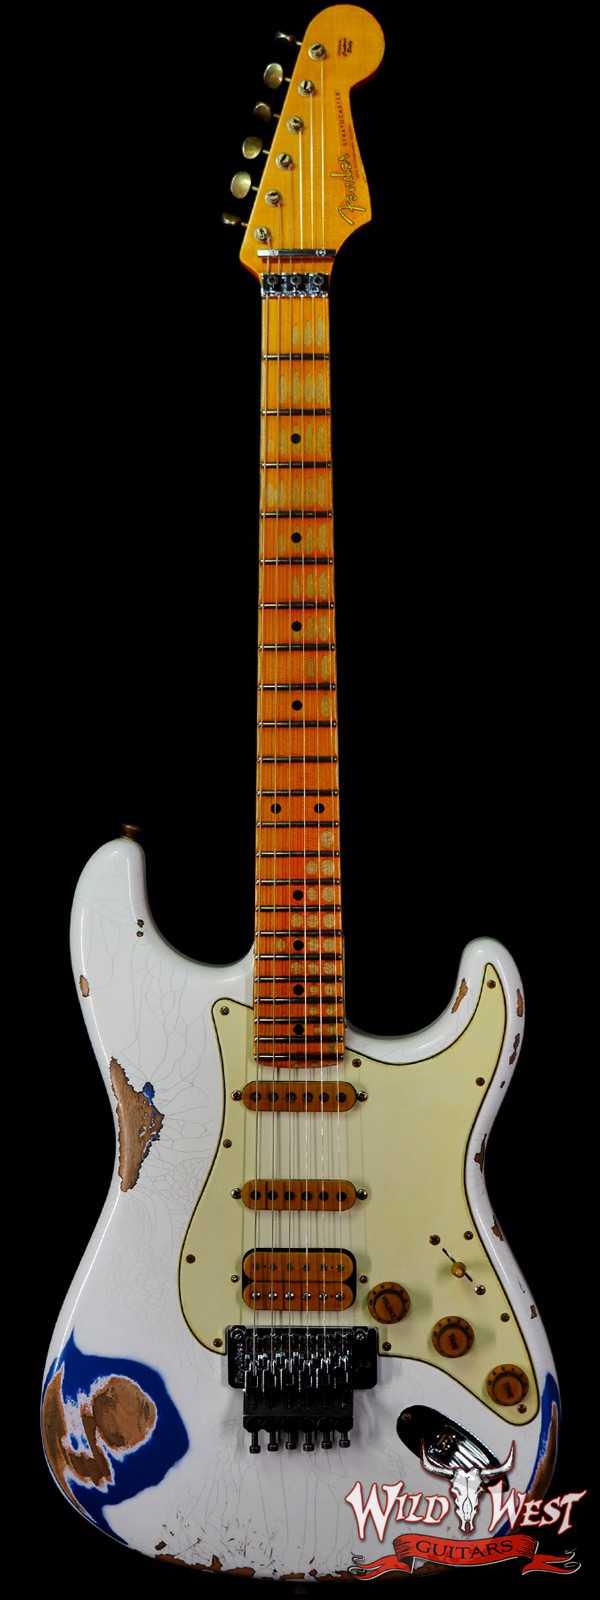 Fender Custom Shop Wild West White Lightning Stratocaster HSS Floyd Rose Maple Board 22 Frets Heavy Relic Lake Placid Blue